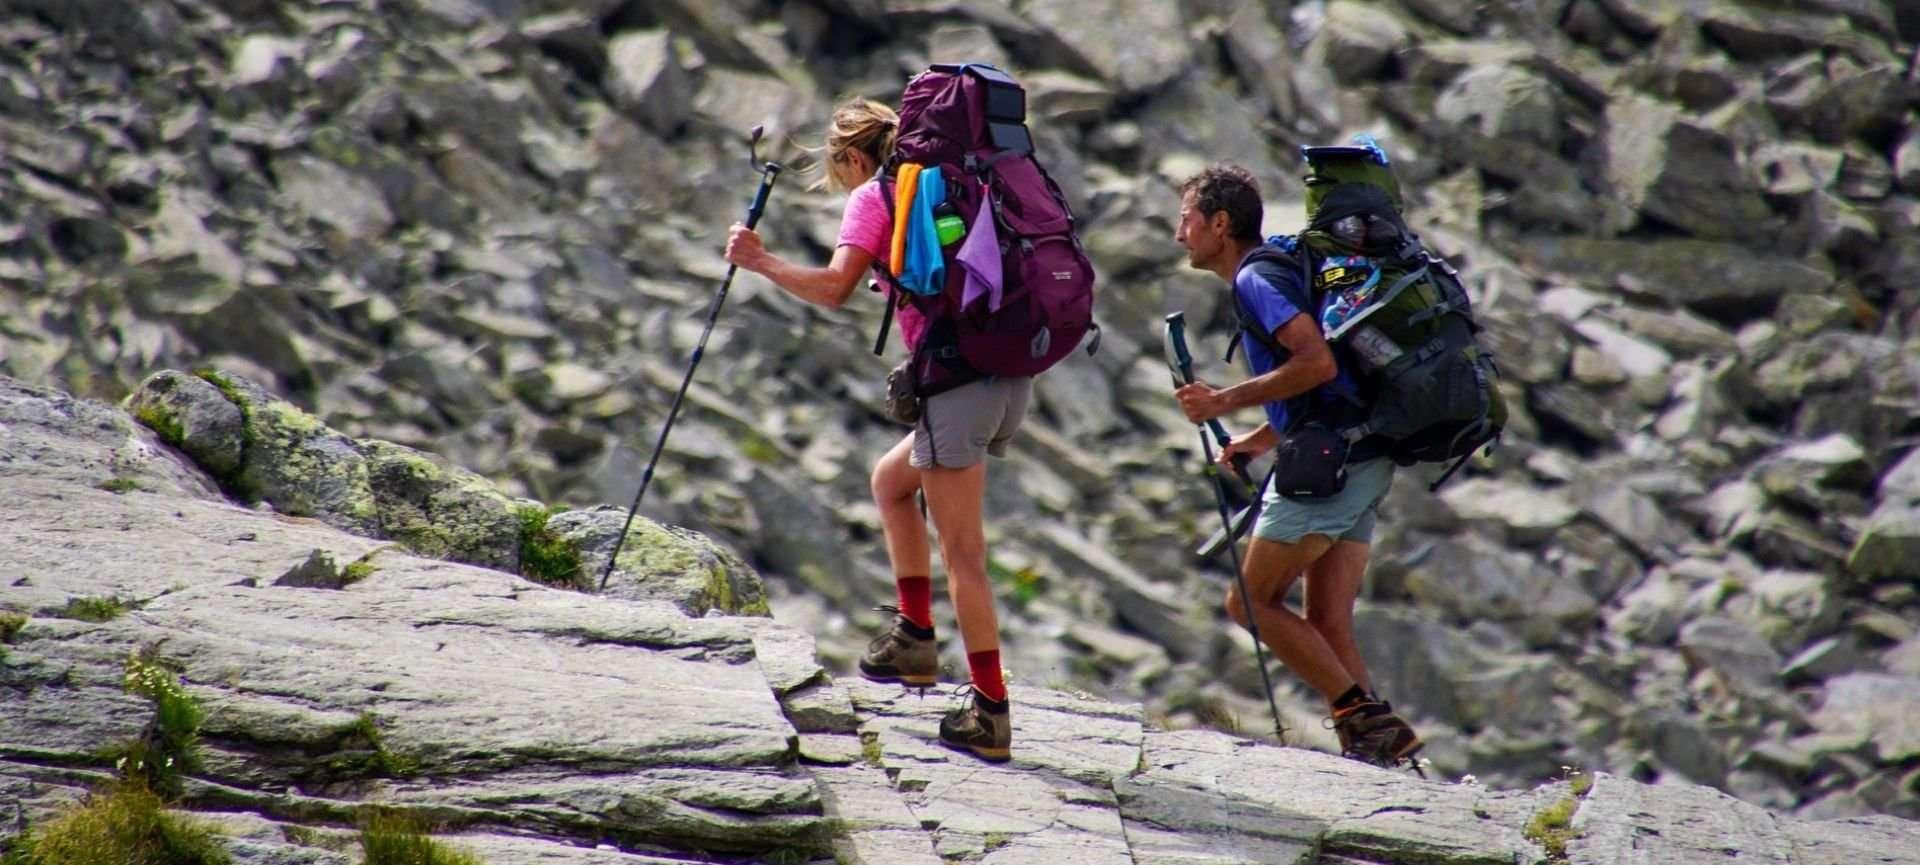 zaino per camminare in montagna